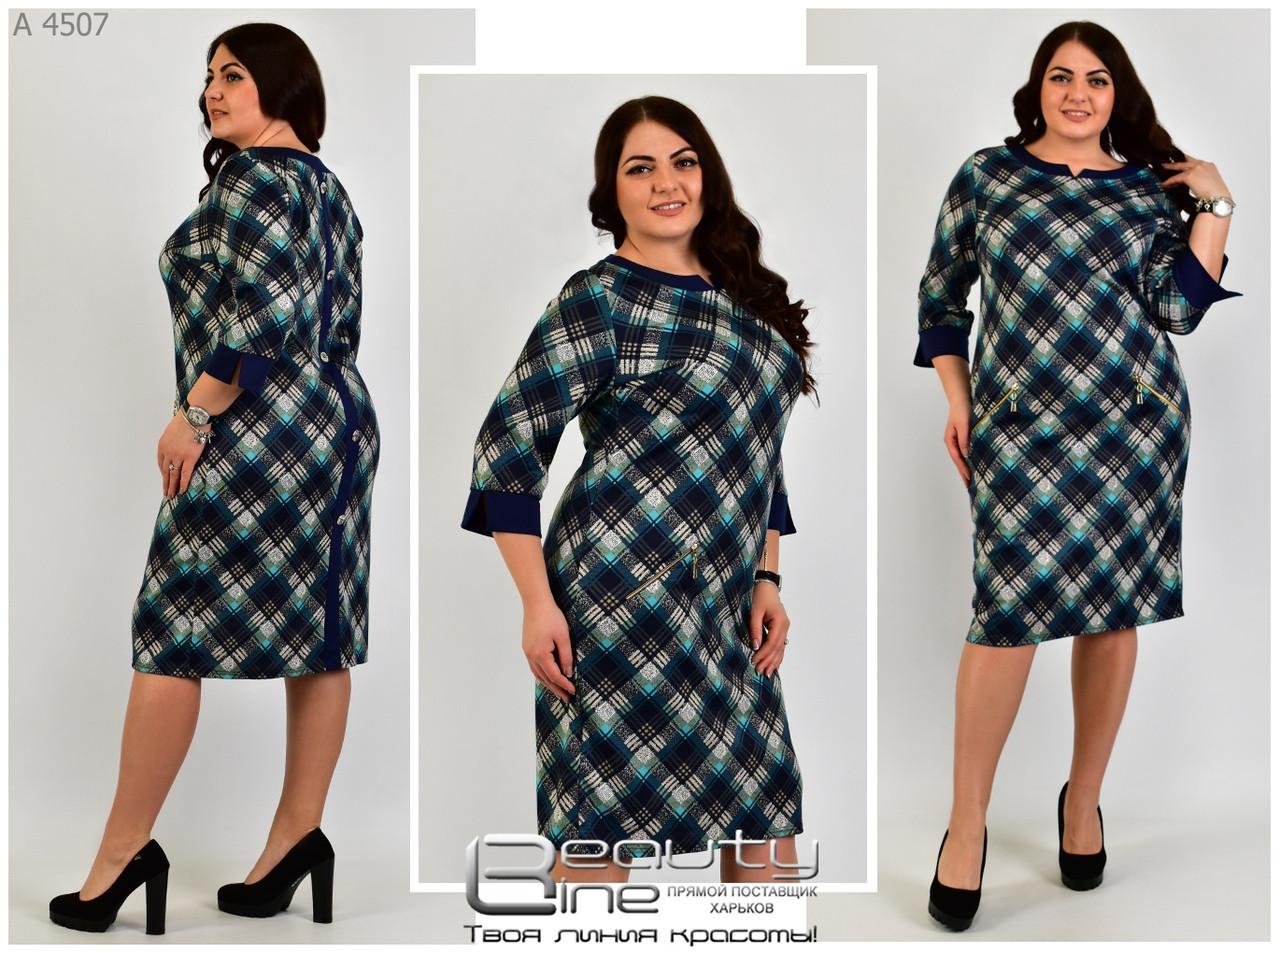 Стильное платье     (размеры 52-56)  0150-19